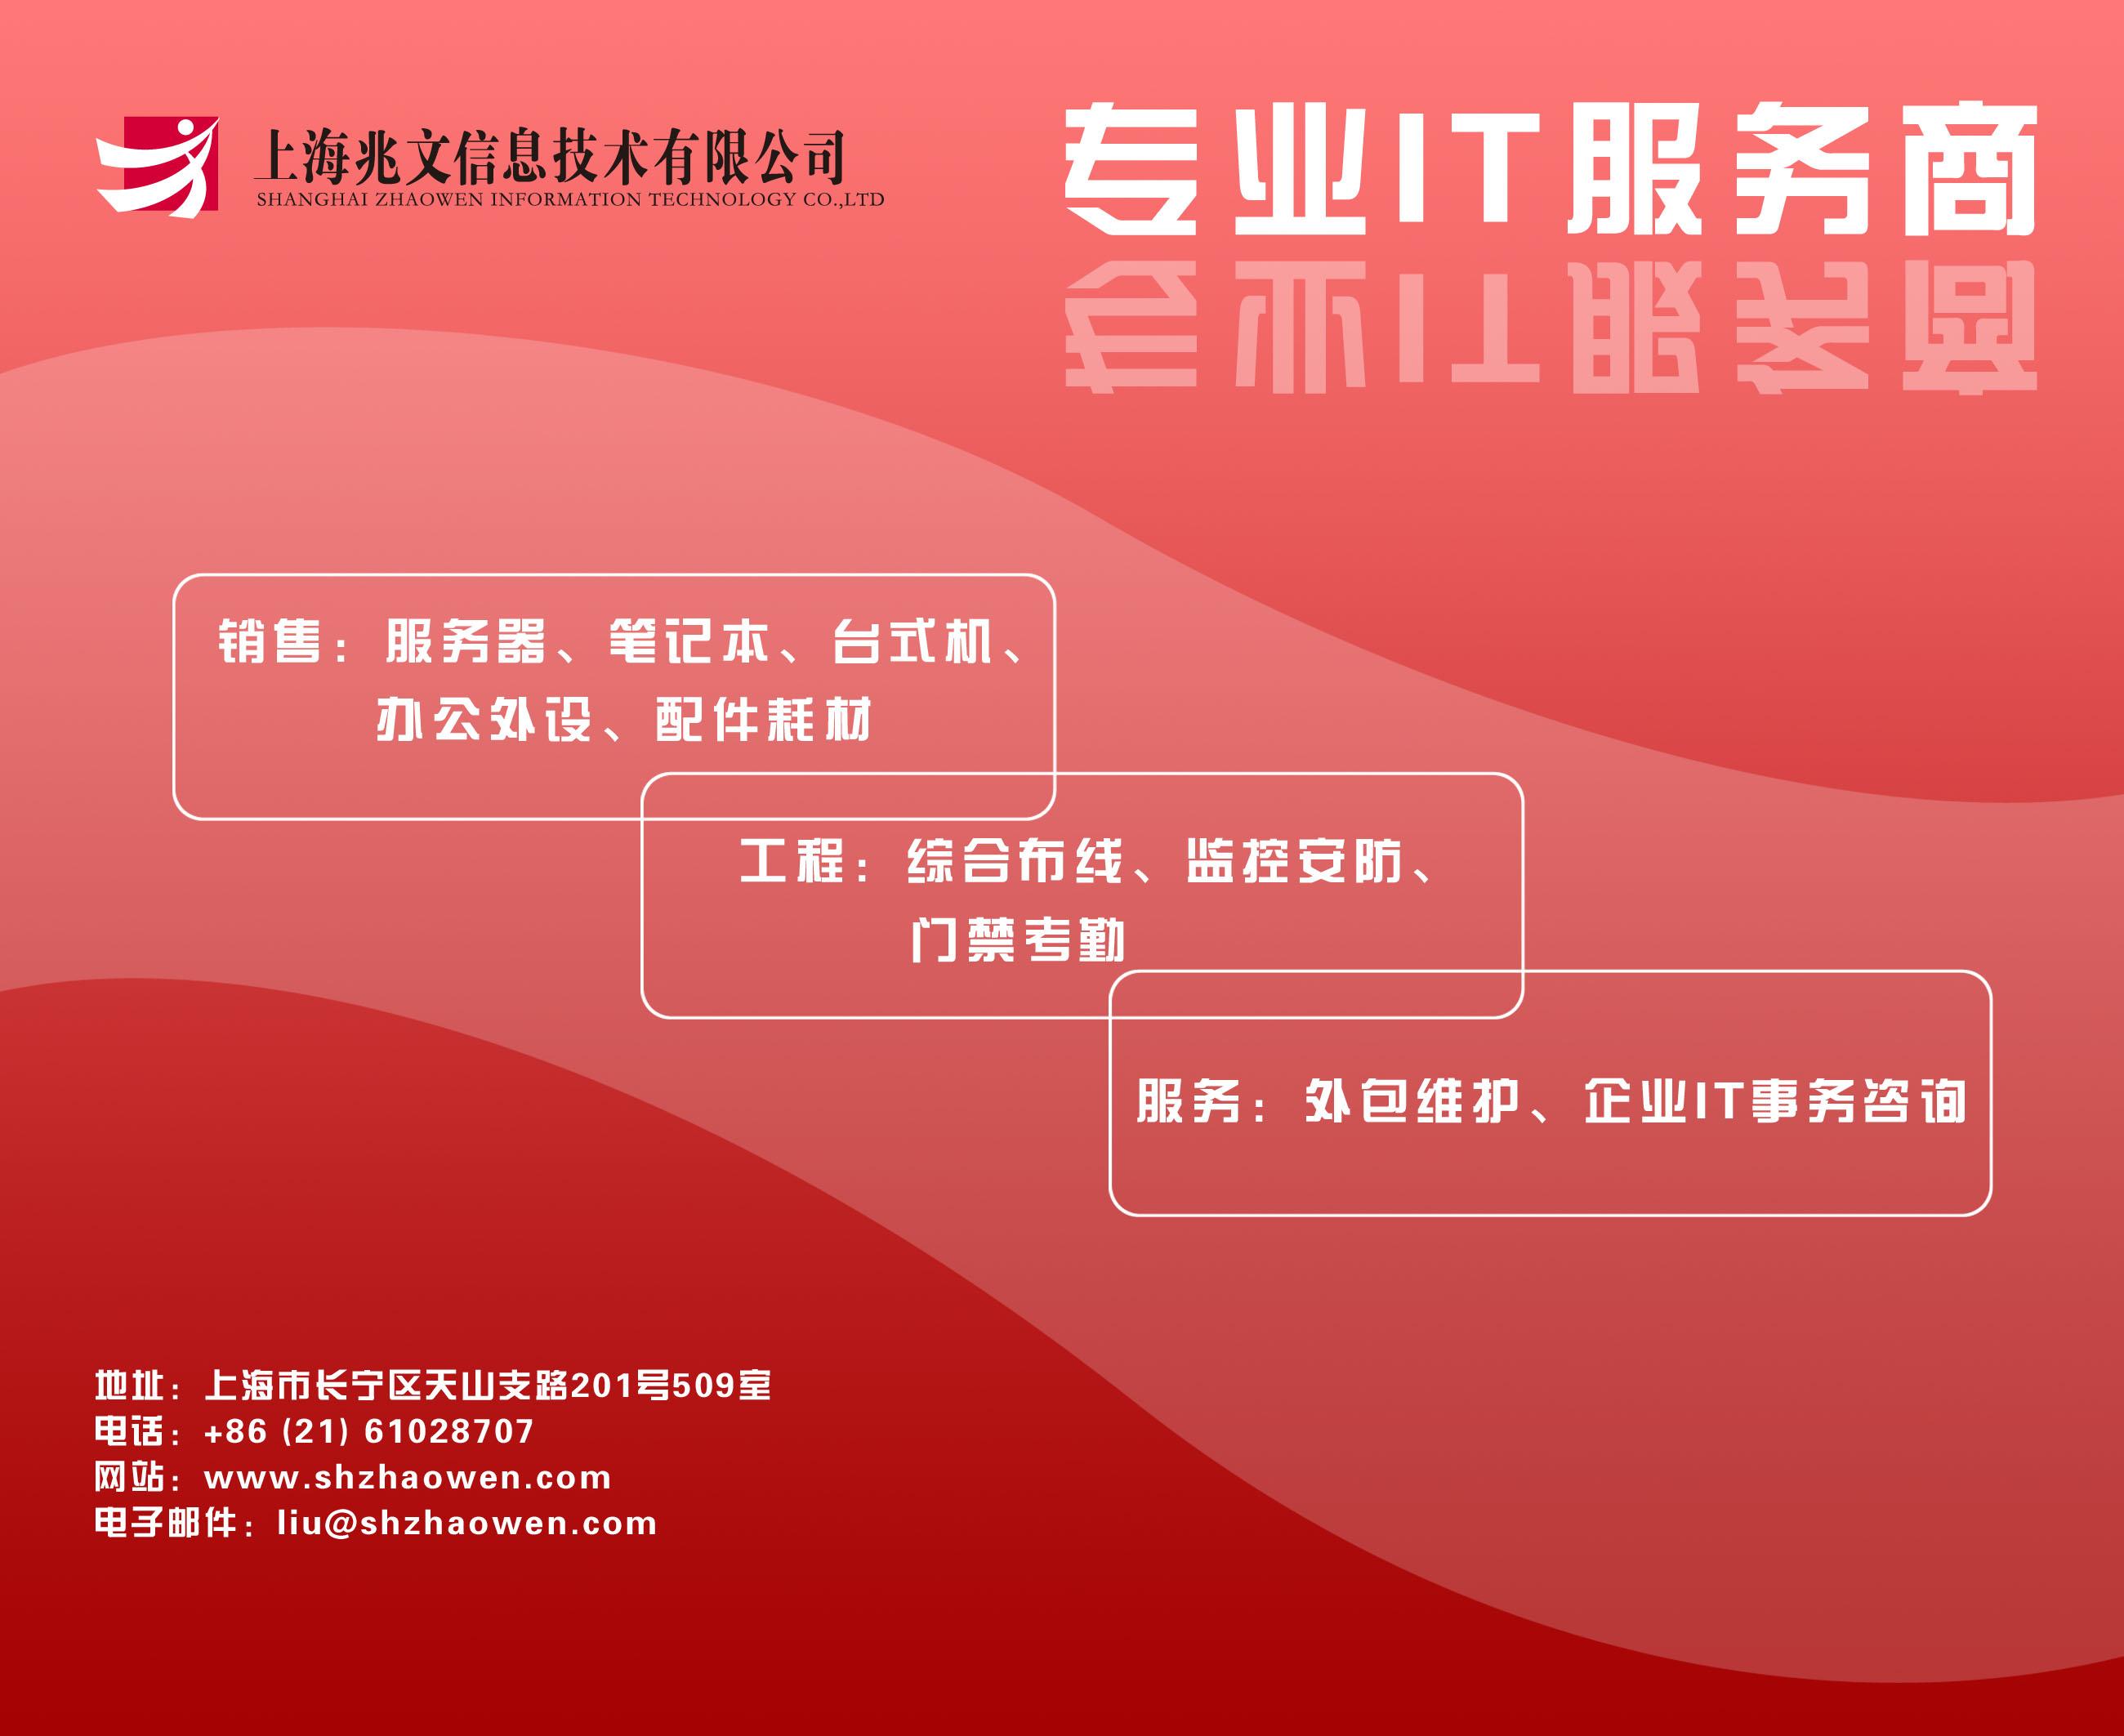 平面设计——定制鼠标垫版面设计_1847729_k68威客网